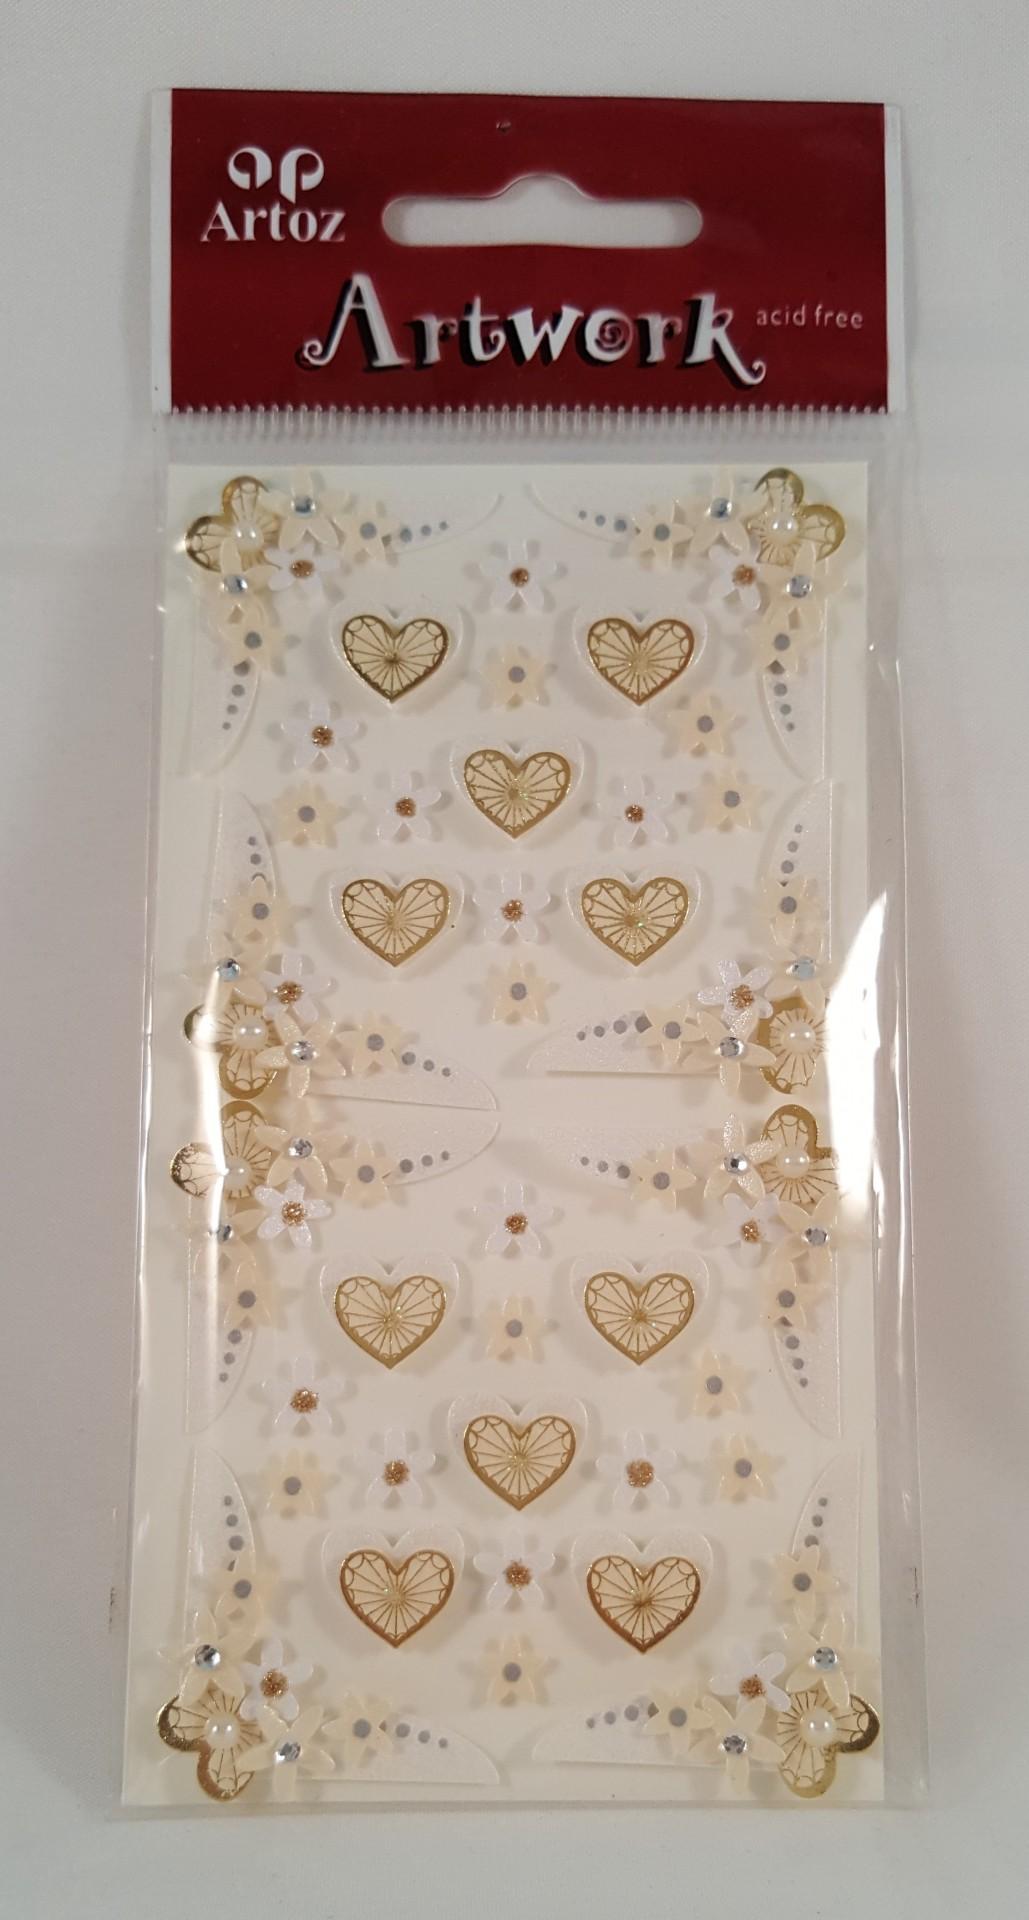 Aplicações scrapbooking -  flores casamento Artoz Artwork